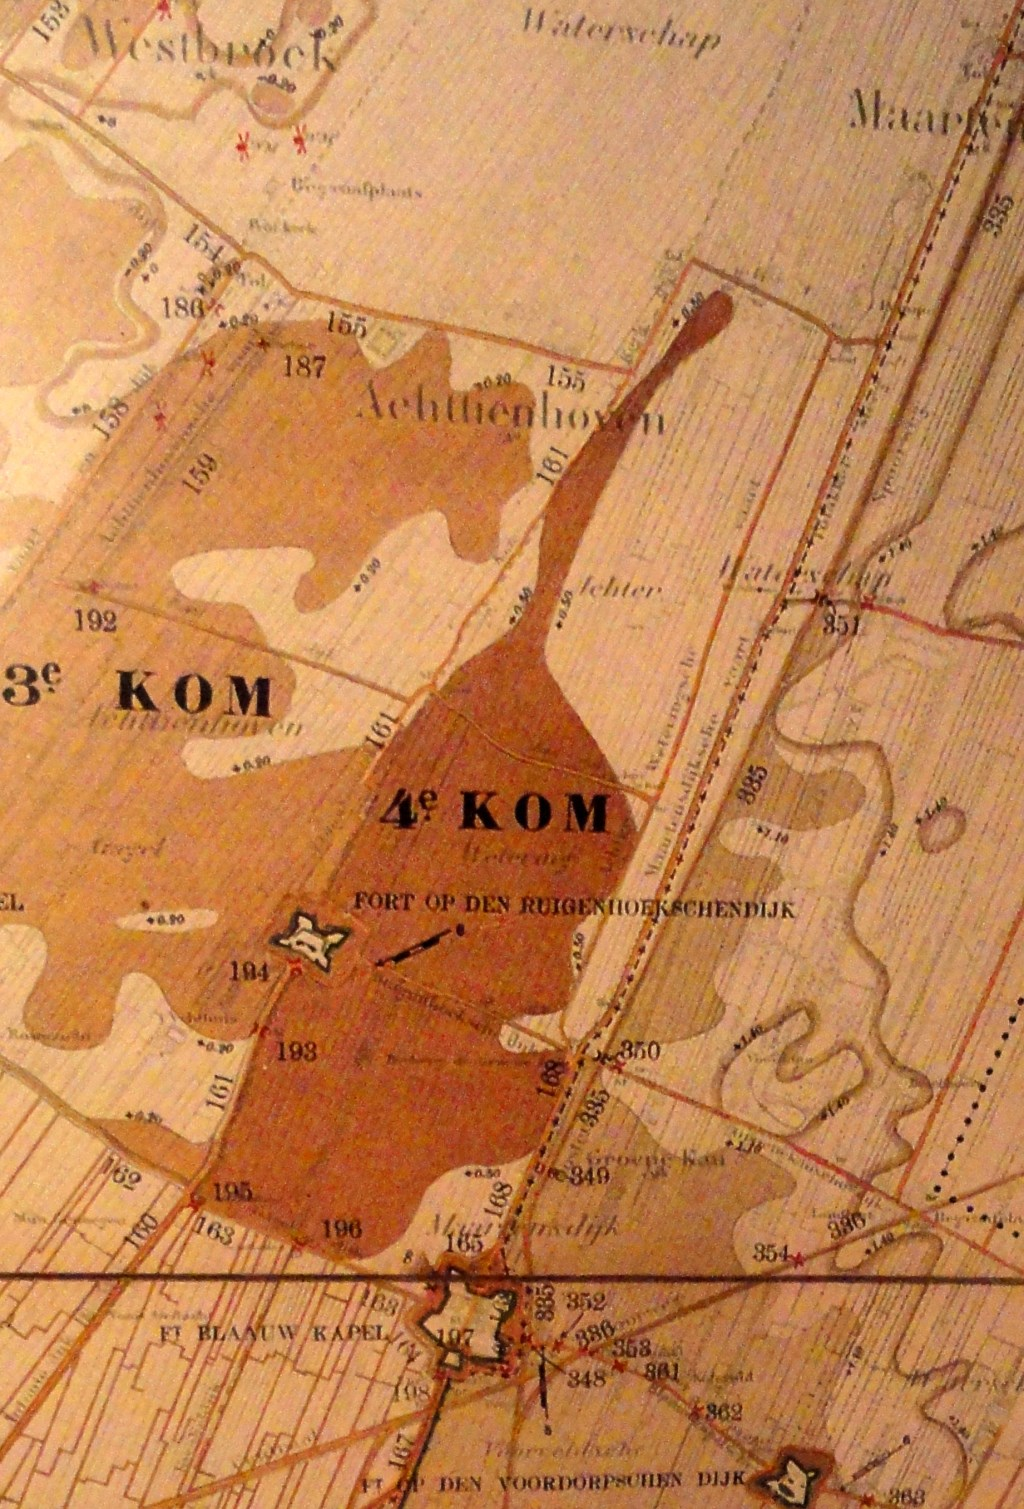 De waterstanden moesten gereguleerd worden om effectieve inundatie (onderwaterzetting) mogelijk te maken. Fragment van een kaart uit van de Topografische Dienst, 1913 (Topografische Atlas, Utrechts Archief.)  © De Vierklank